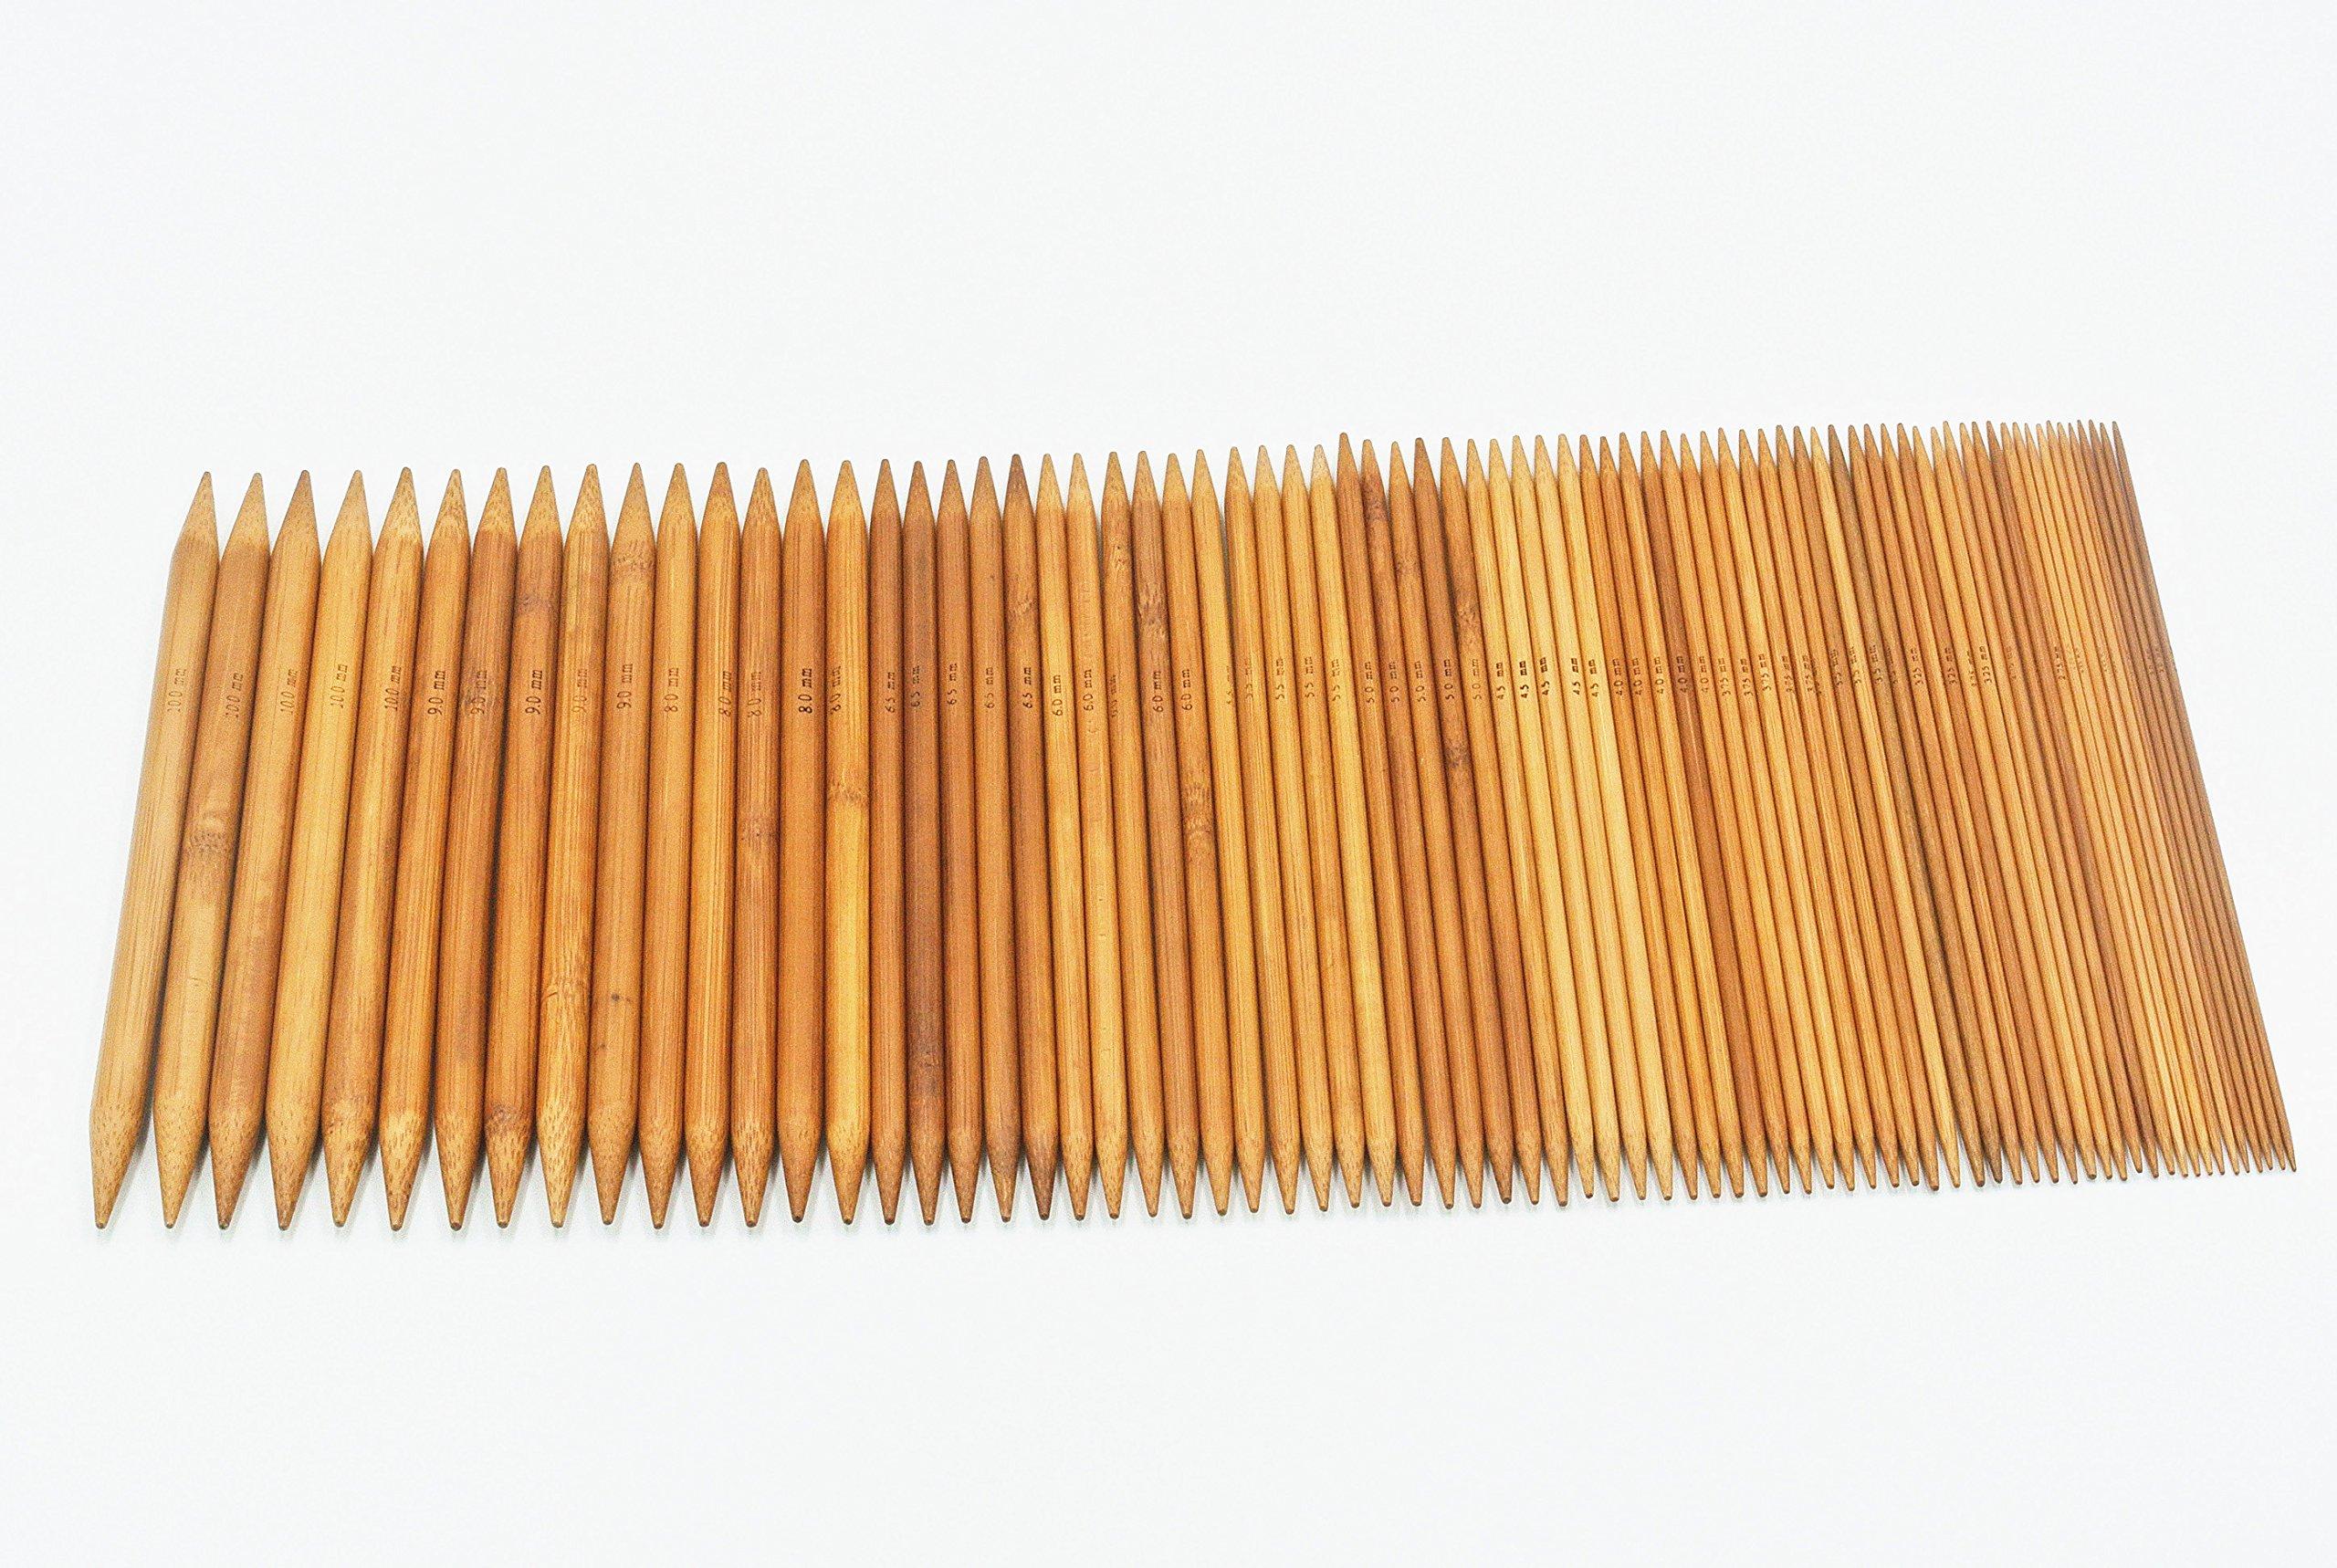 75pcs 15 Sizes 8/'/' 20cm Carbonized Bamboo Double Point Knitting Needles 2-10mm